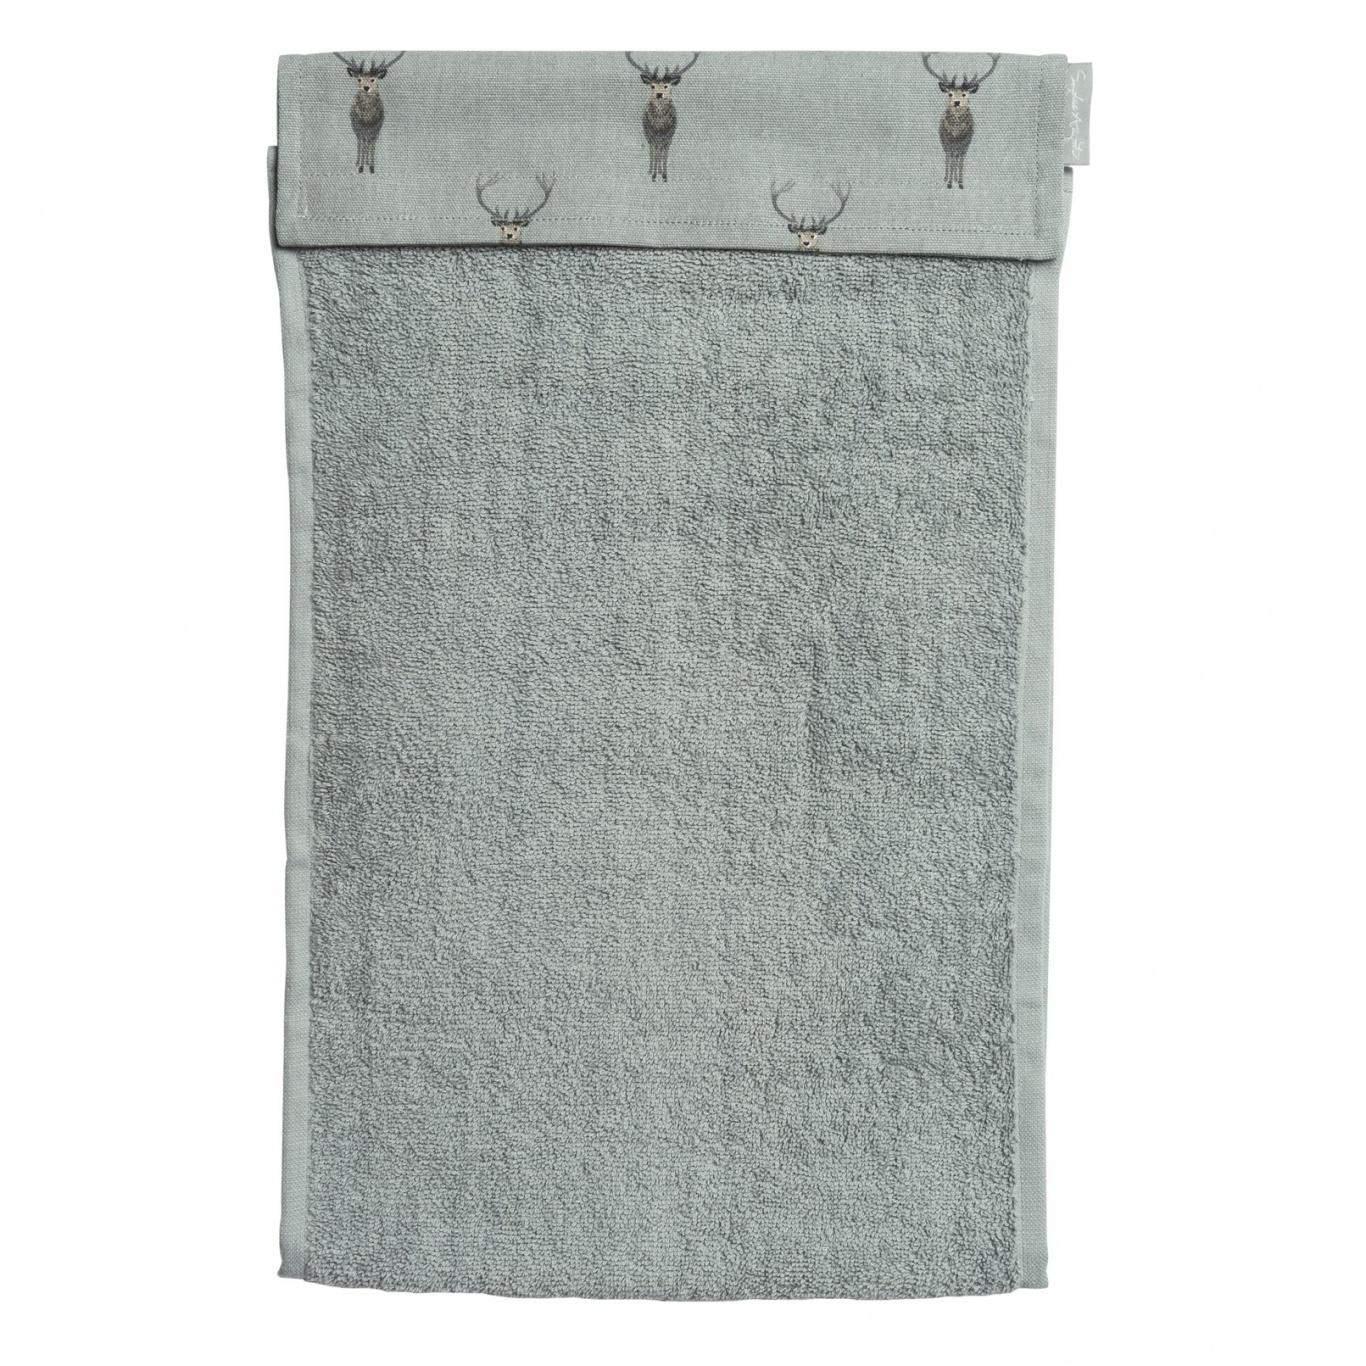 Image of Sophie Allport Highland Stag Roller Hand Towel